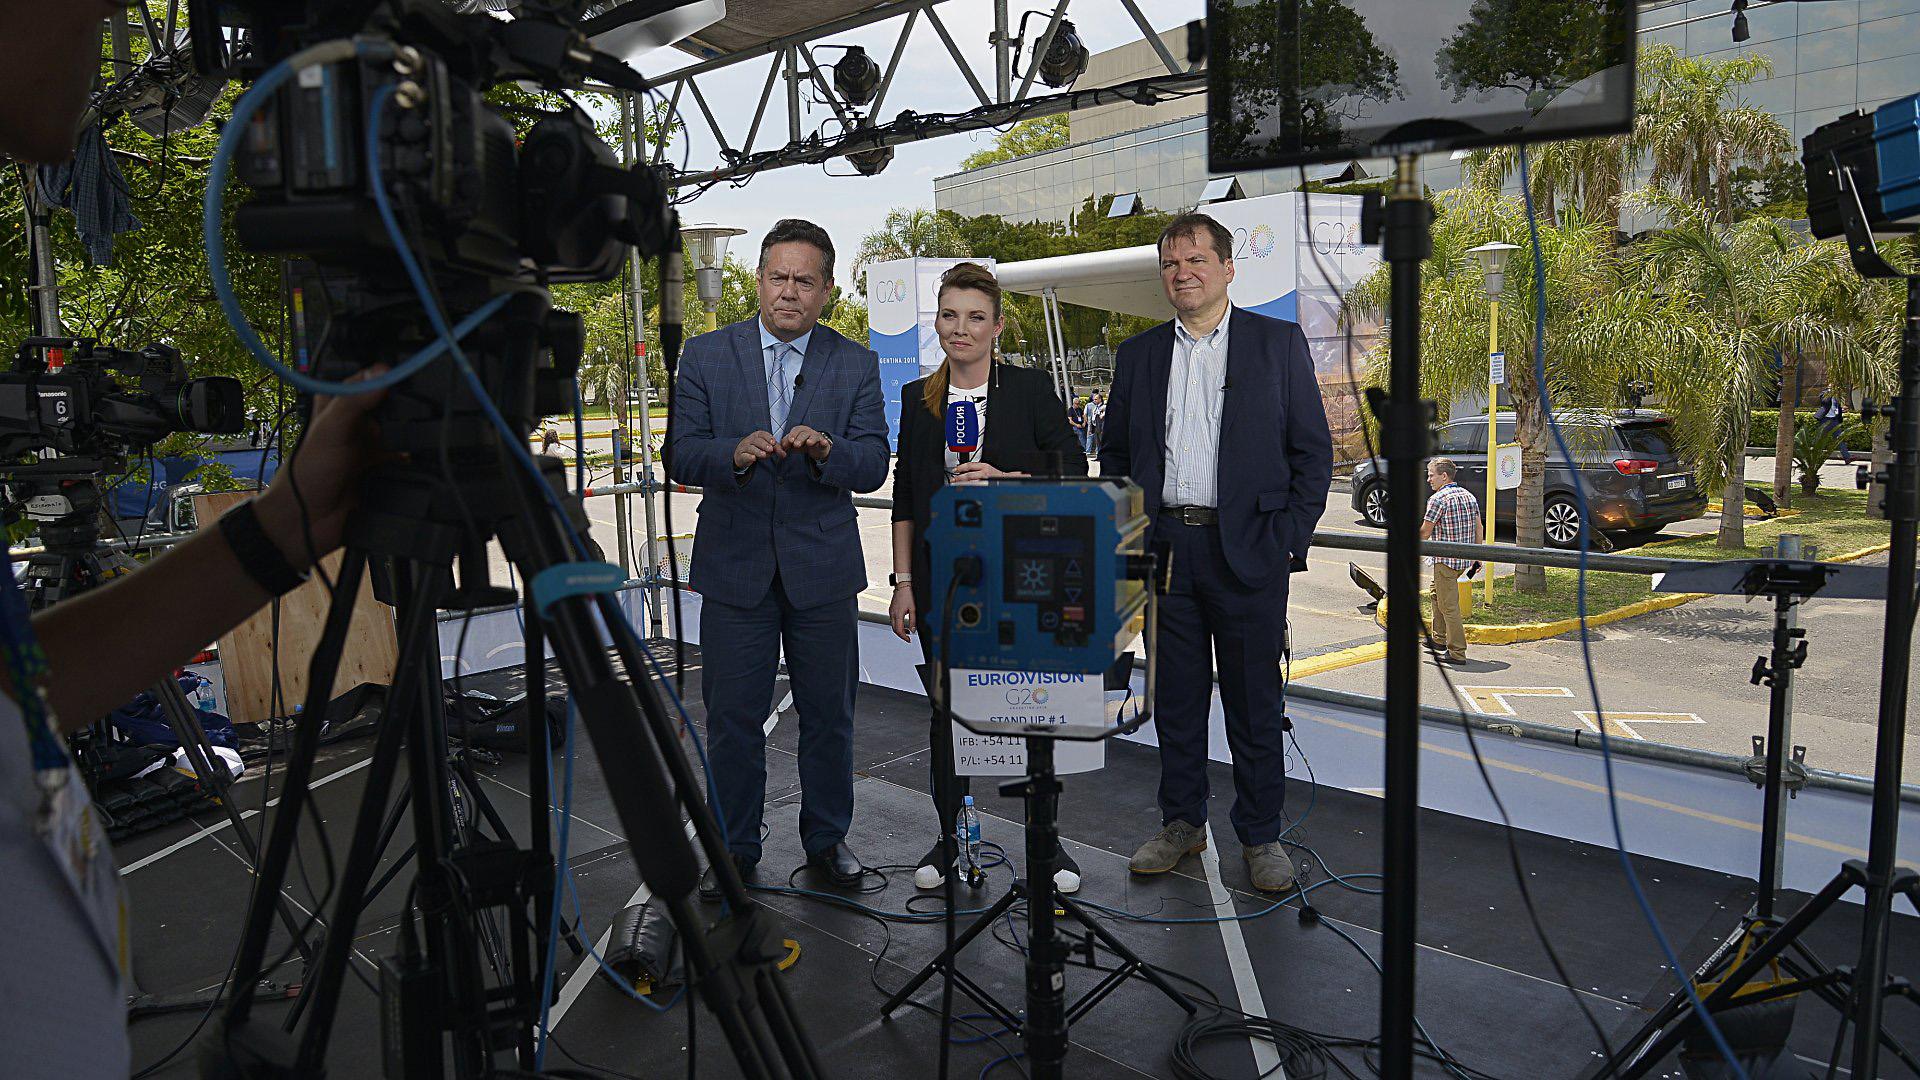 El búnker de prensa posee 4 mini sets de TV y oficinas de transmisión de Radio y TV